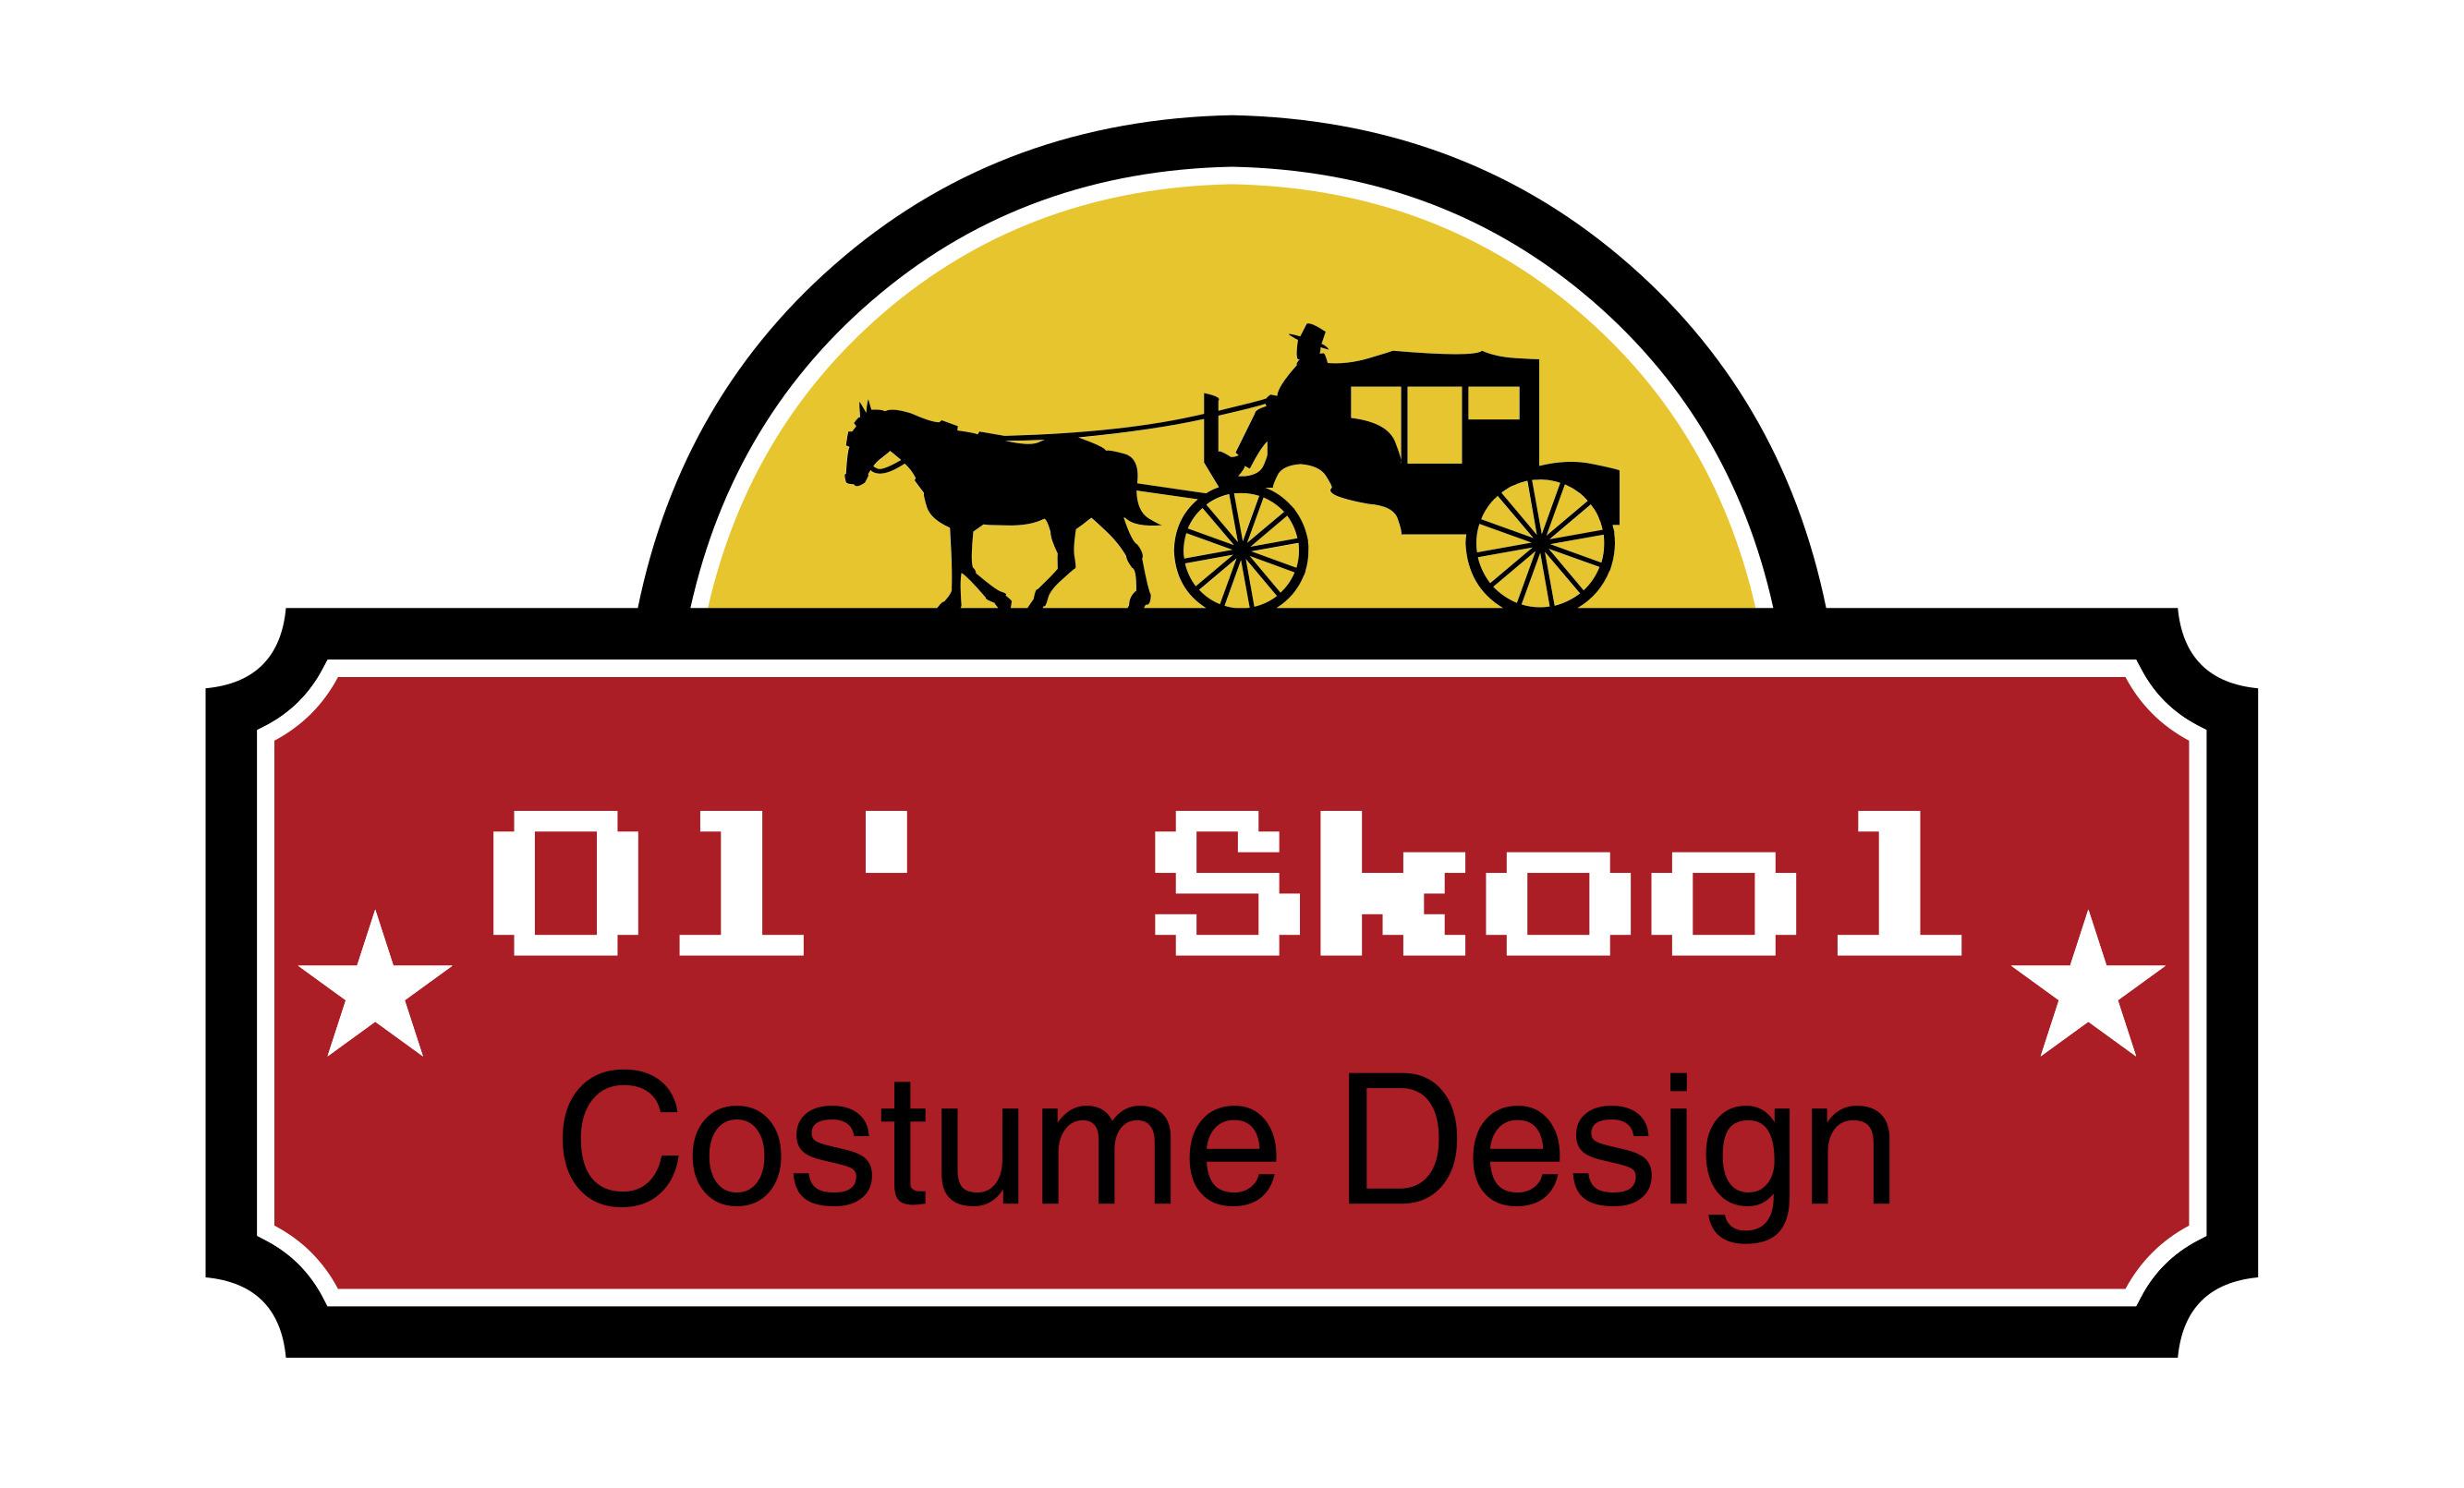 Ol' Skool Costume Design